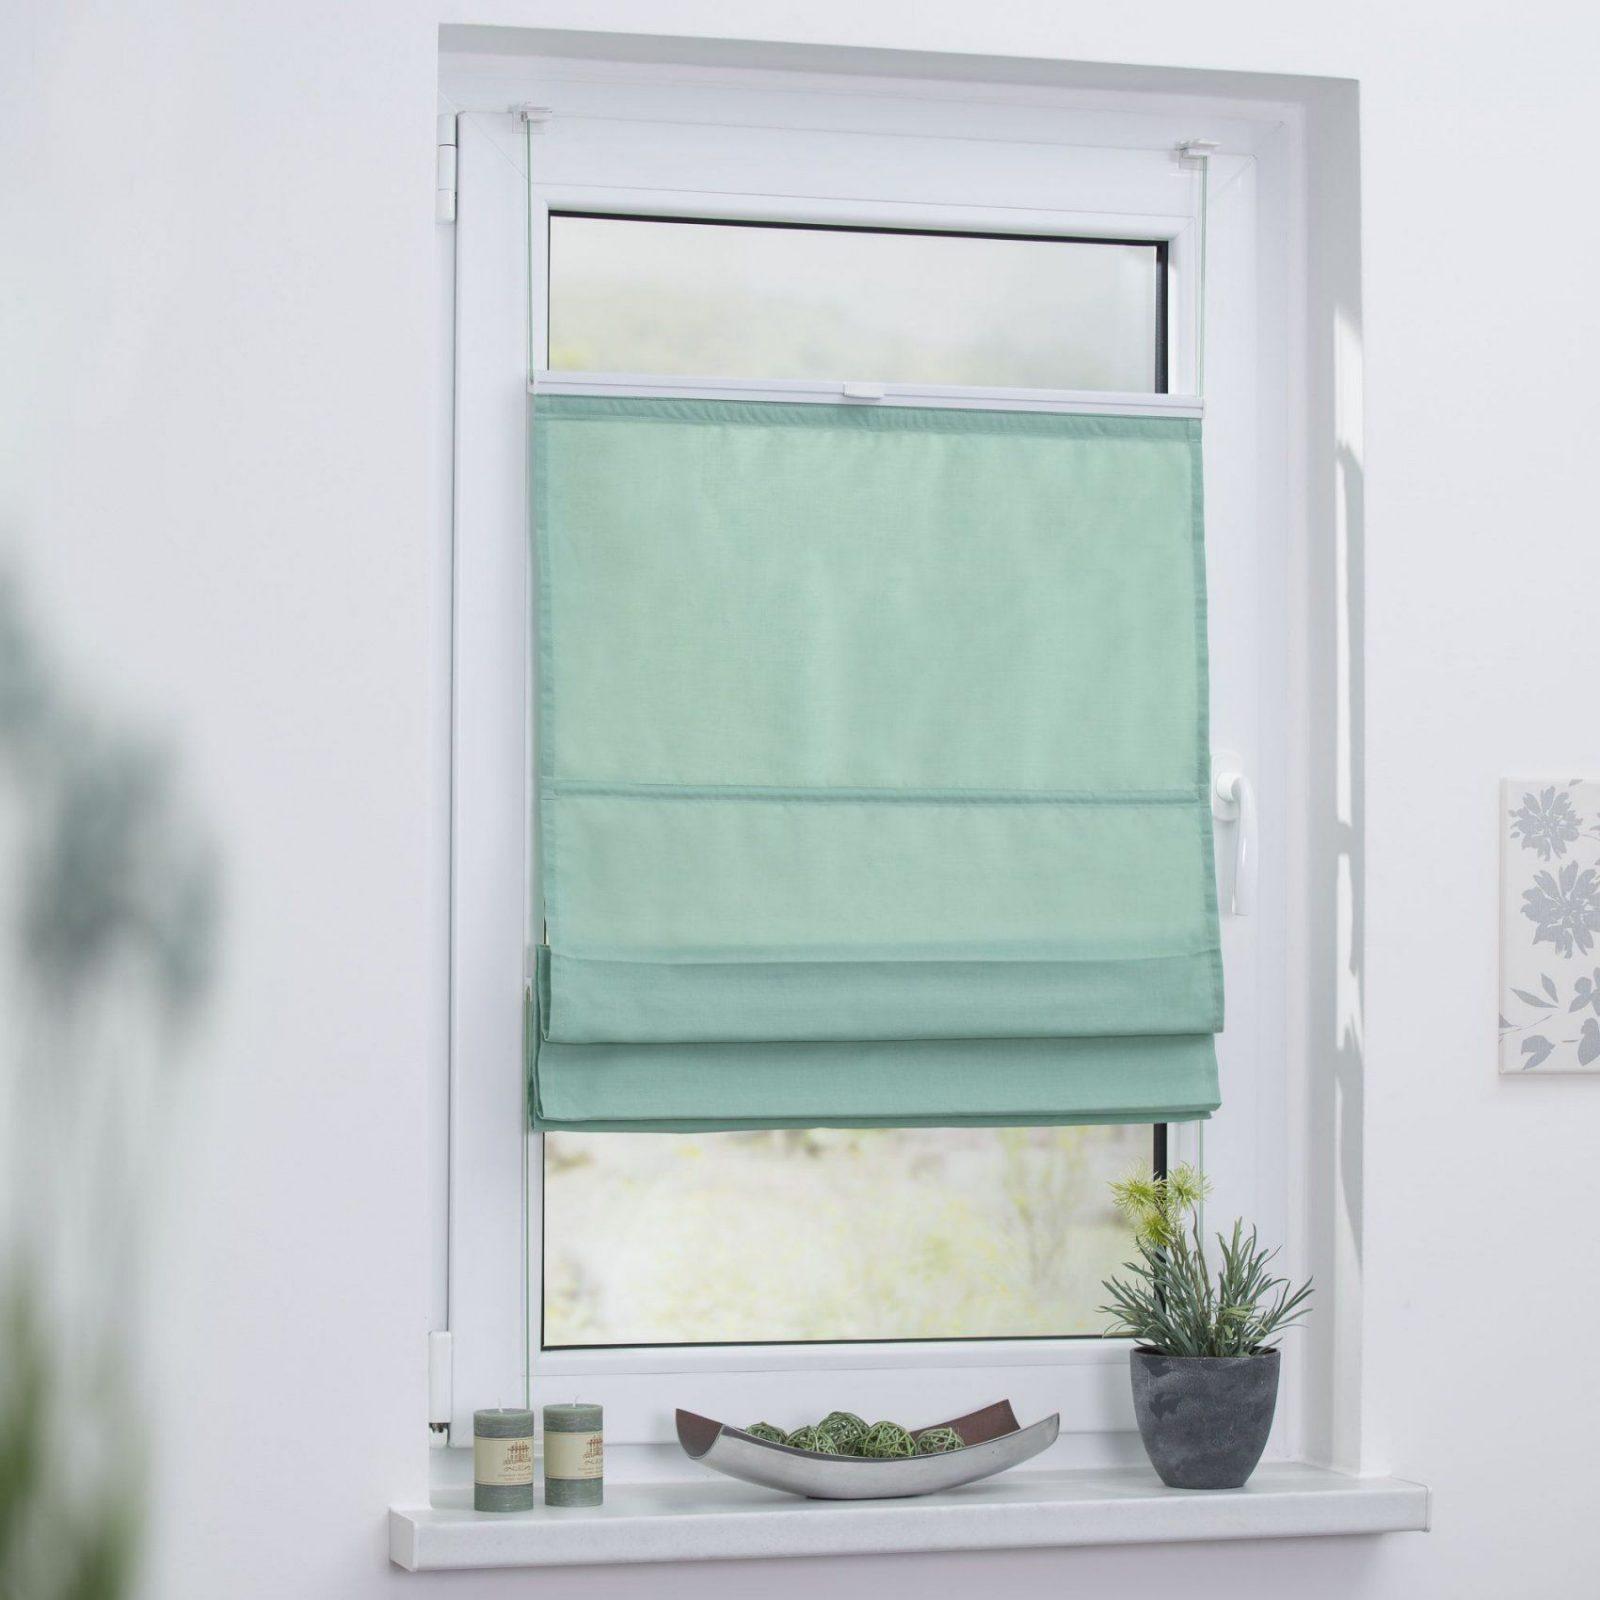 Raffrollo Klemmfix Top Ohne Bohren Verspannt In Pastell von Vorhang Befestigen Ohne Bohren Bild